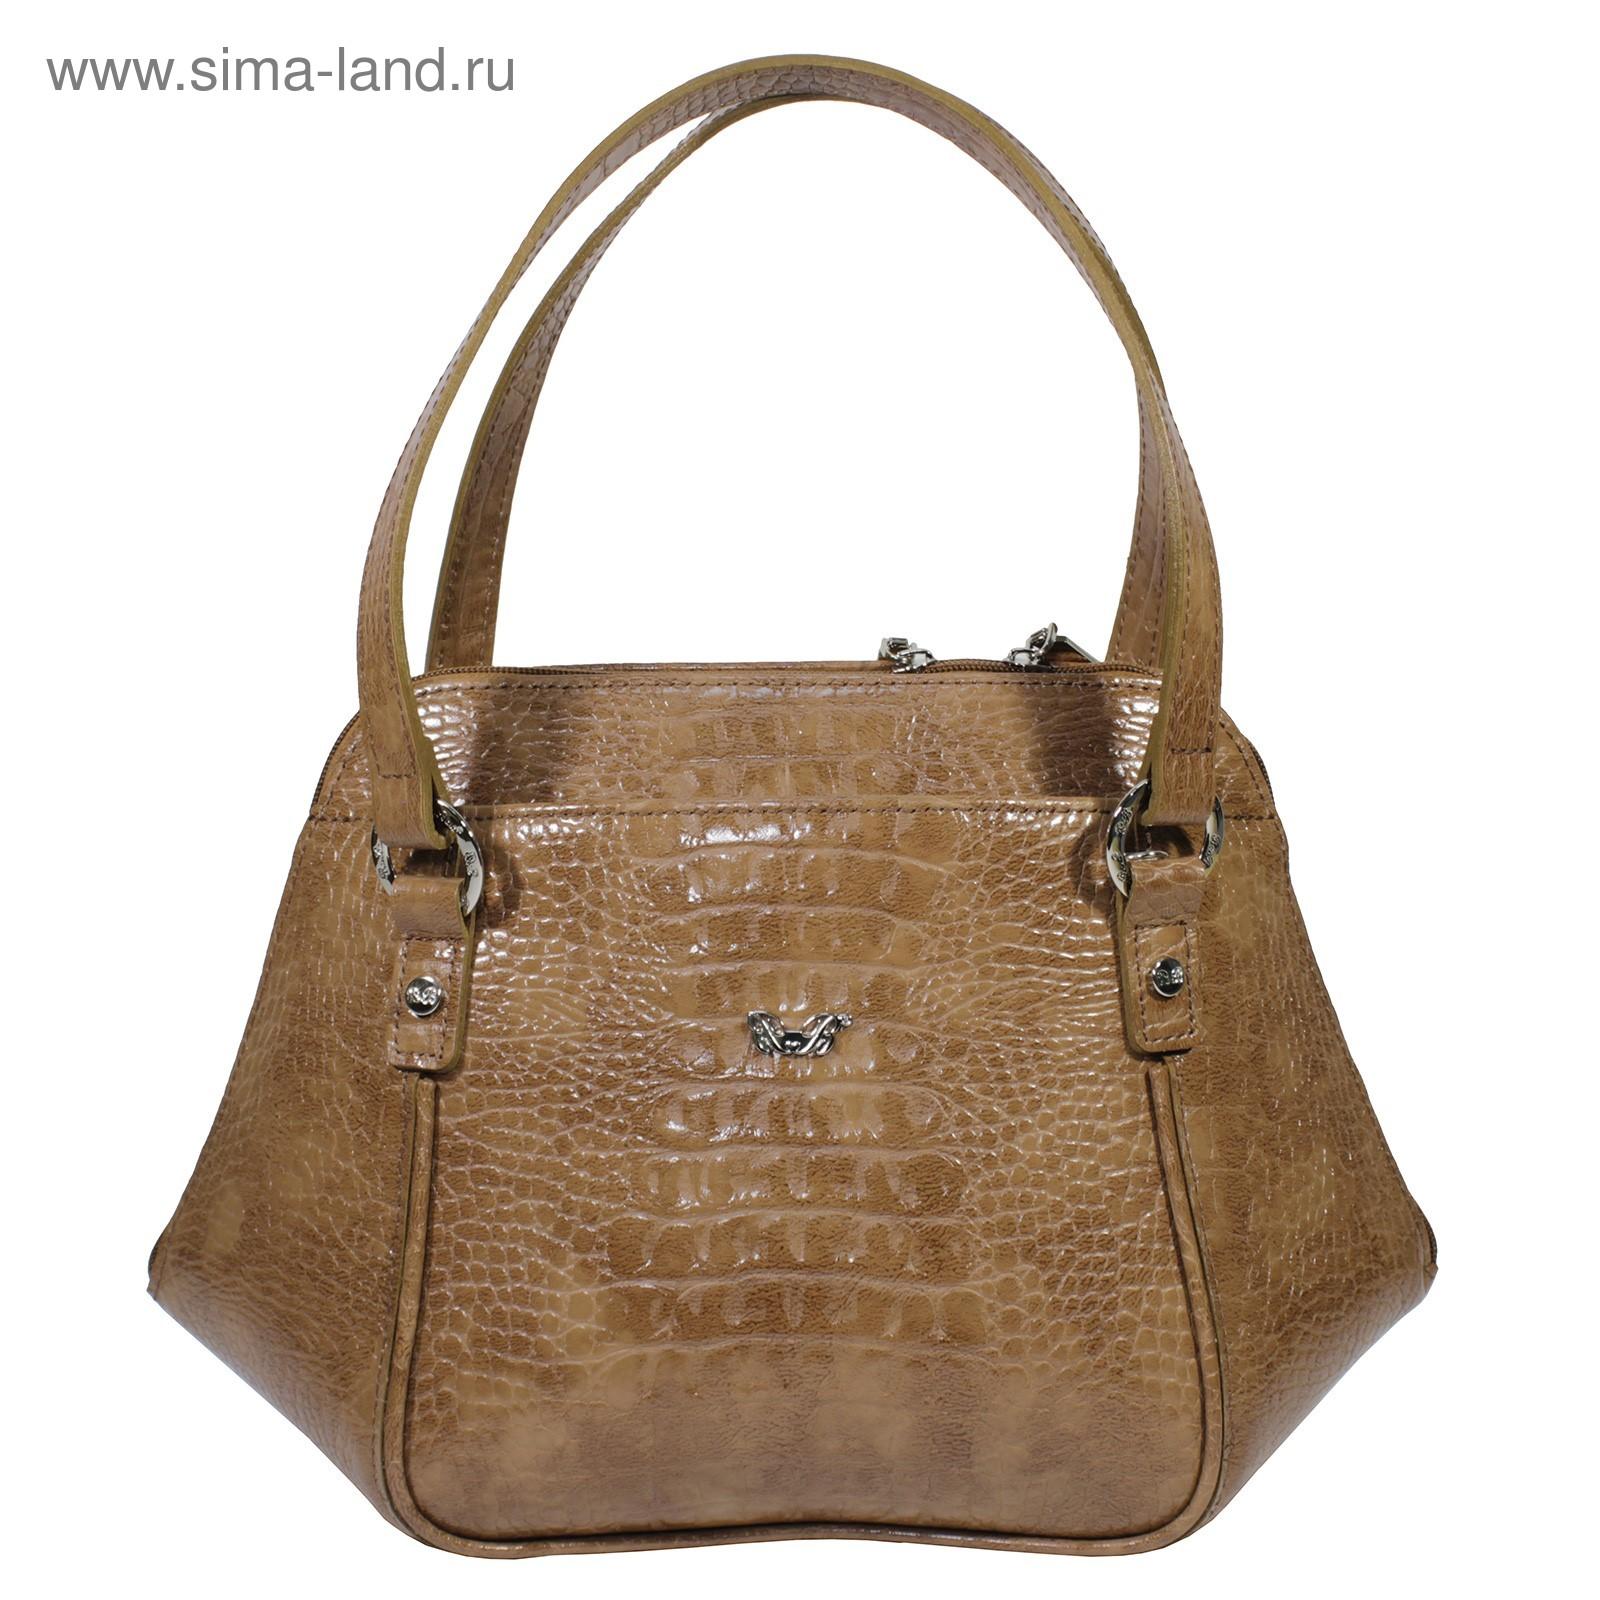 a46af4a75fd2 Сумка женская саквояж, натуральная кожа, цвет коричневый (3609331 ...